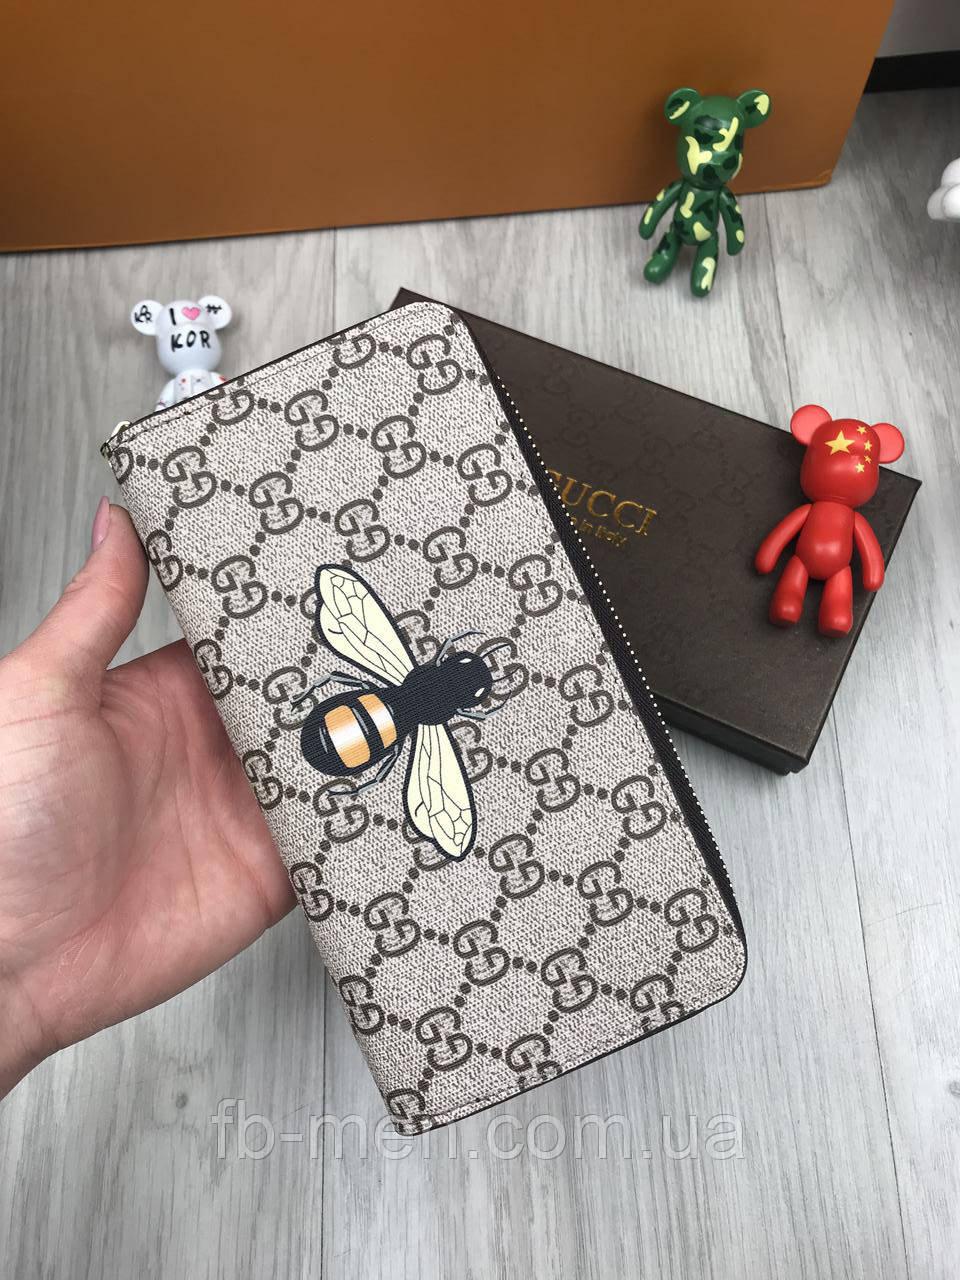 Кошелек Gucci   Бумажник коричневый Гуччи Муха   Портмоне для денег Gucci   Кошелек коричневый Гучи